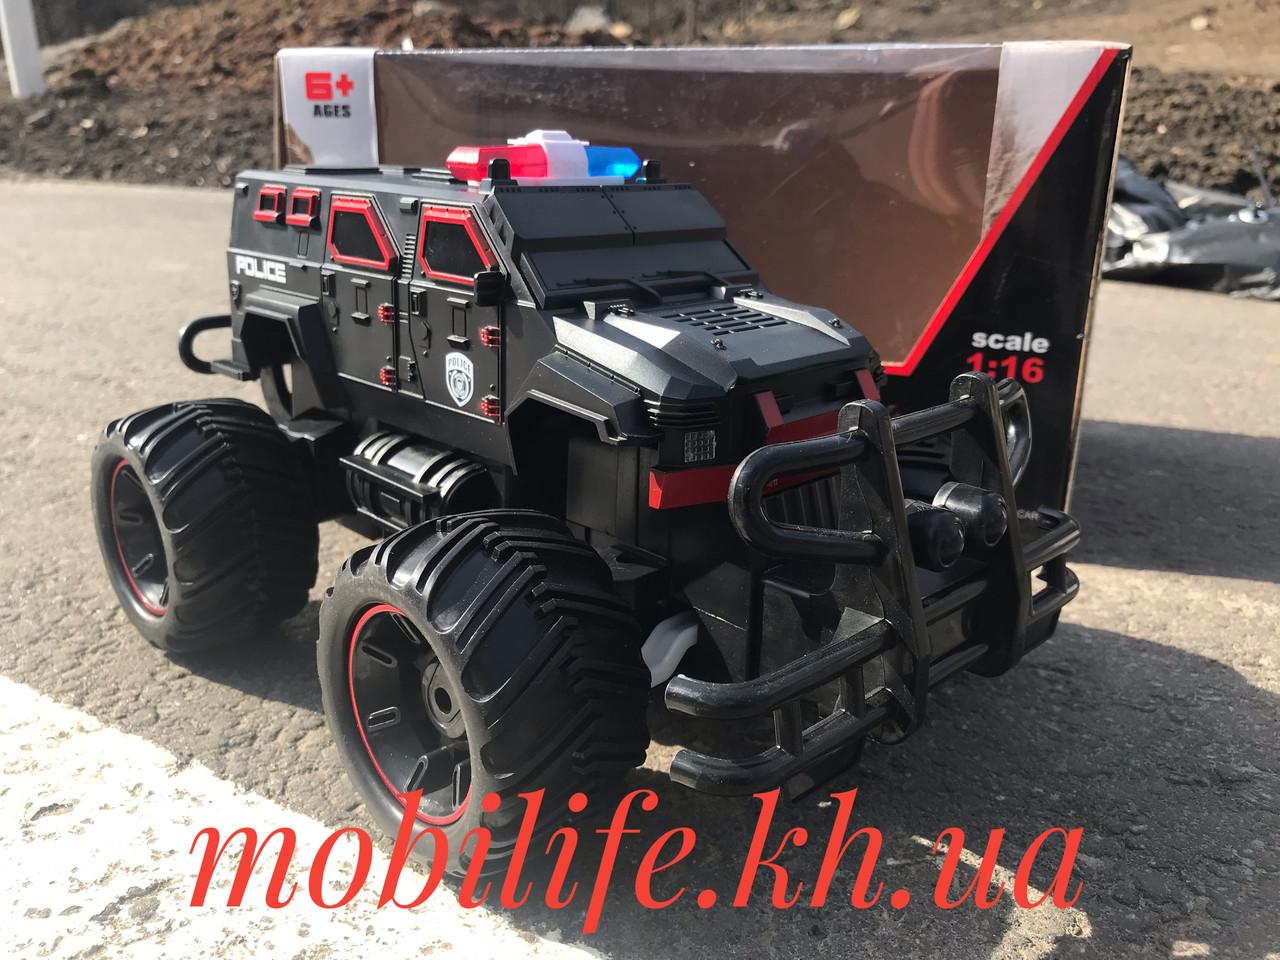 Большой Джип Полиция 27см/Горят Мигалки/большие резиновые колеса/Красный!